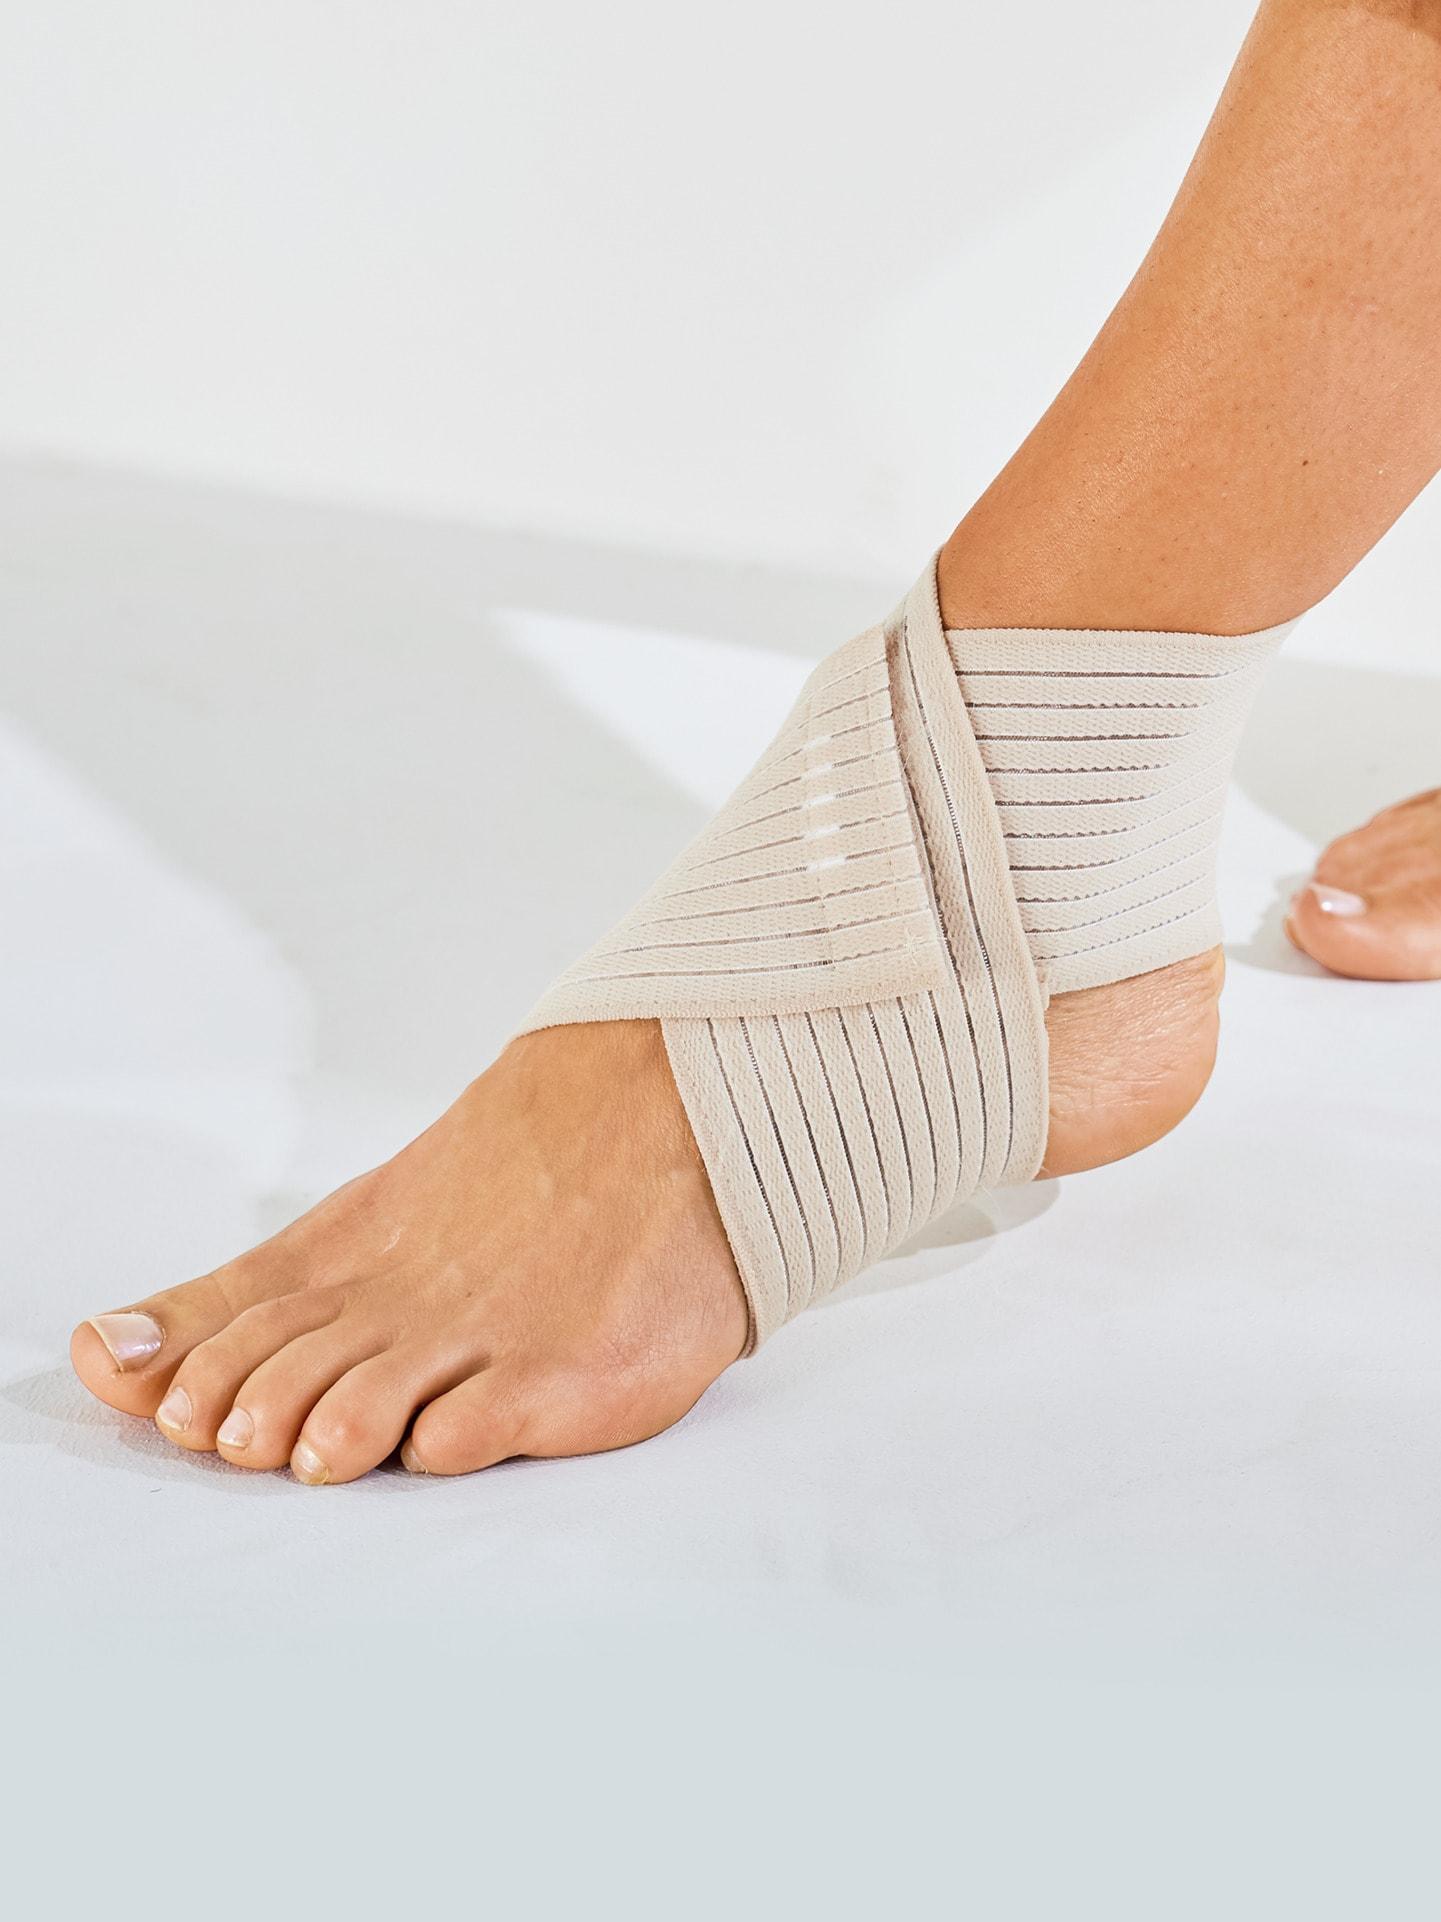 Avena Herren Knöchelgelenk-Bandage Beige 63-0039-9